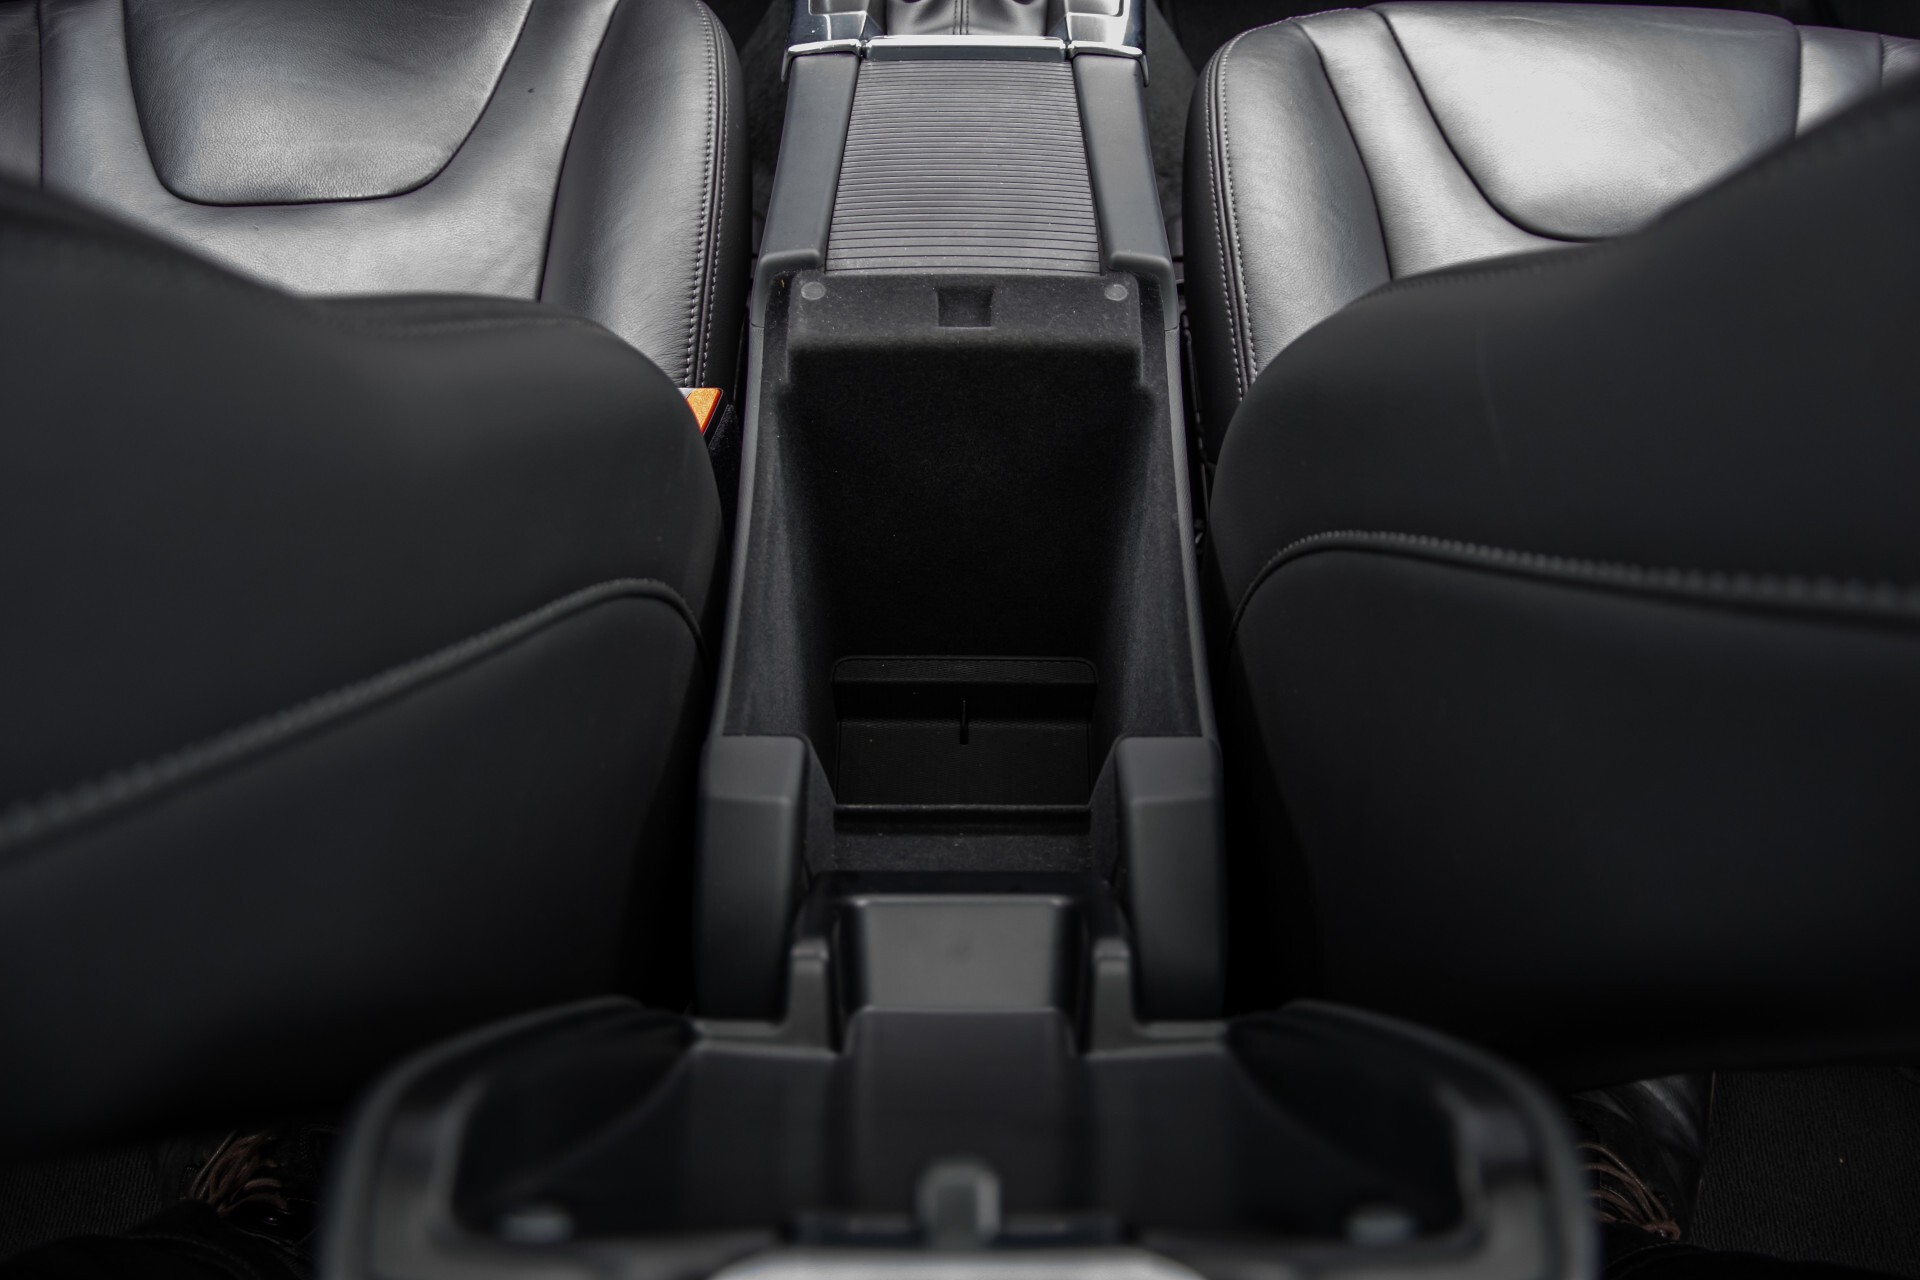 Volvo XC60 2.0 T5 FWD Ocean Race Panorama/Leer/Dealer OH Aut8 Foto 36